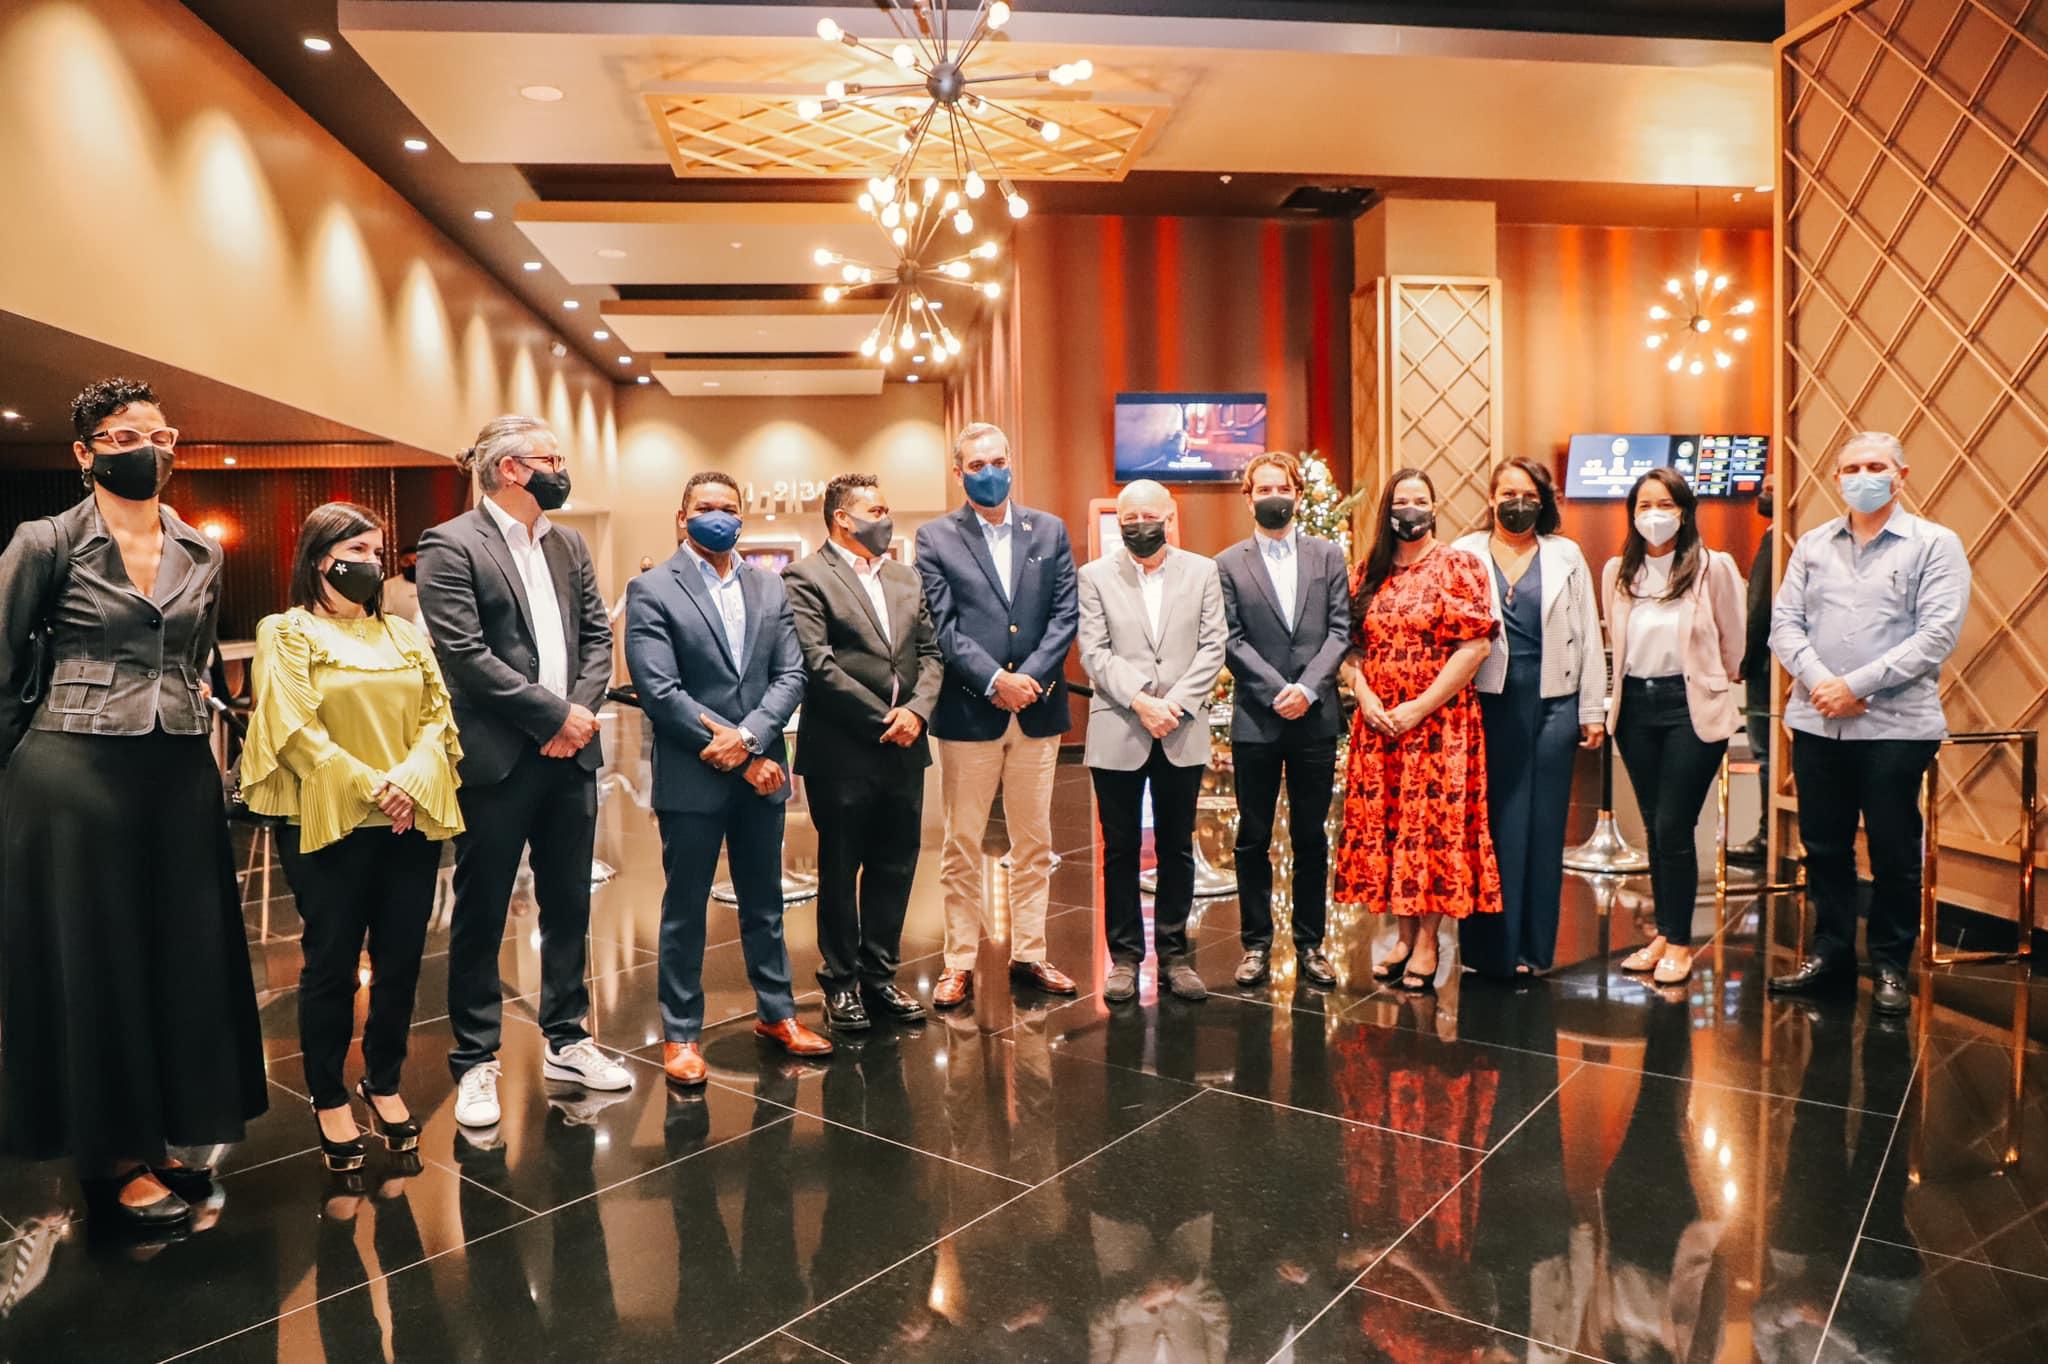 El presidente Luis Abinader acudió éste sábado a ver la película